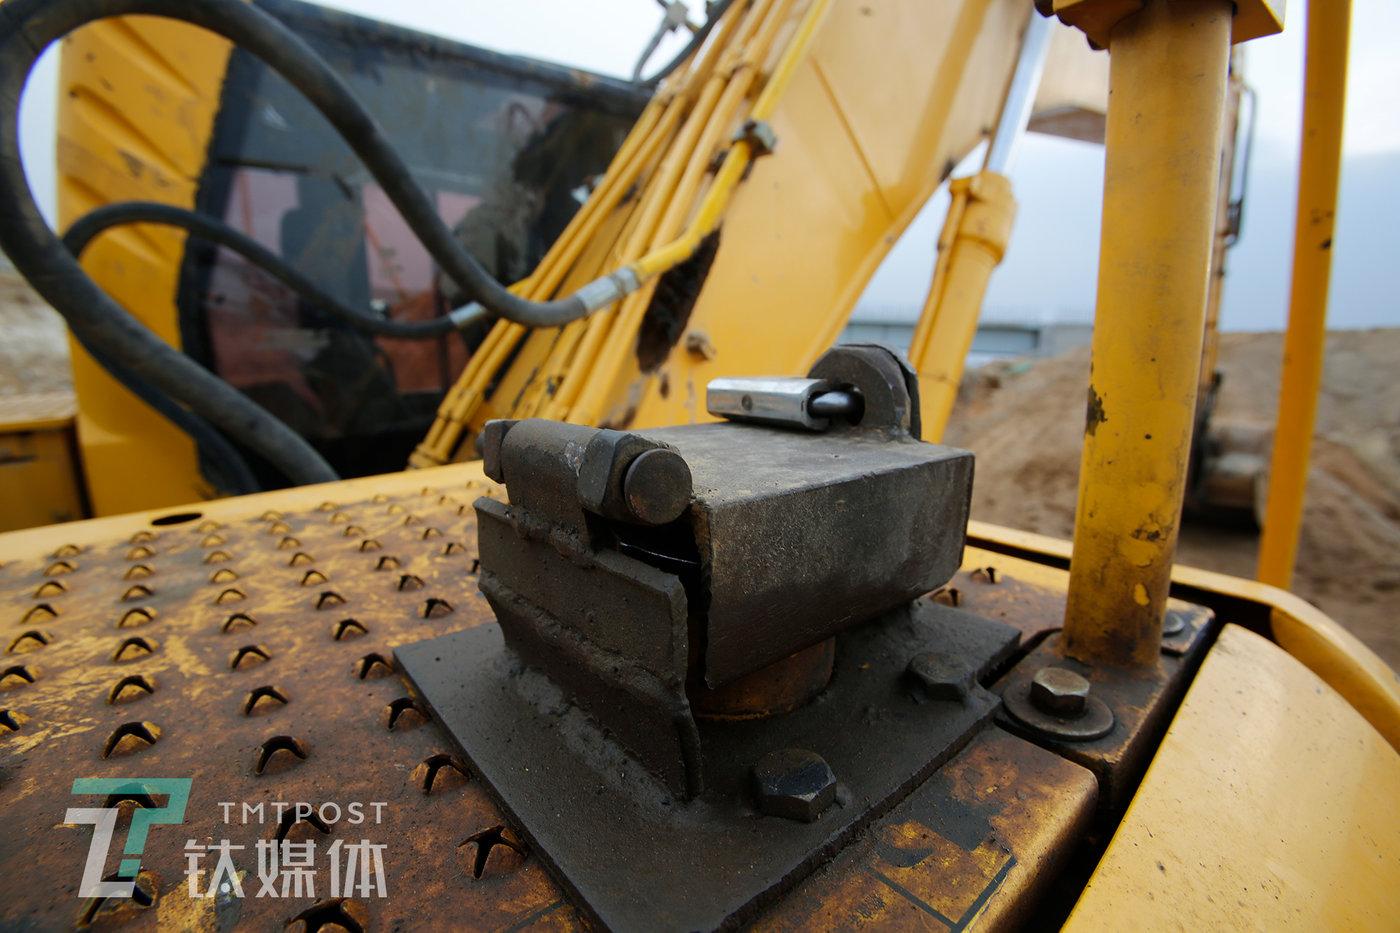 某工地,为了防偷油,机主用钢板在油箱口加装了钢板锁。